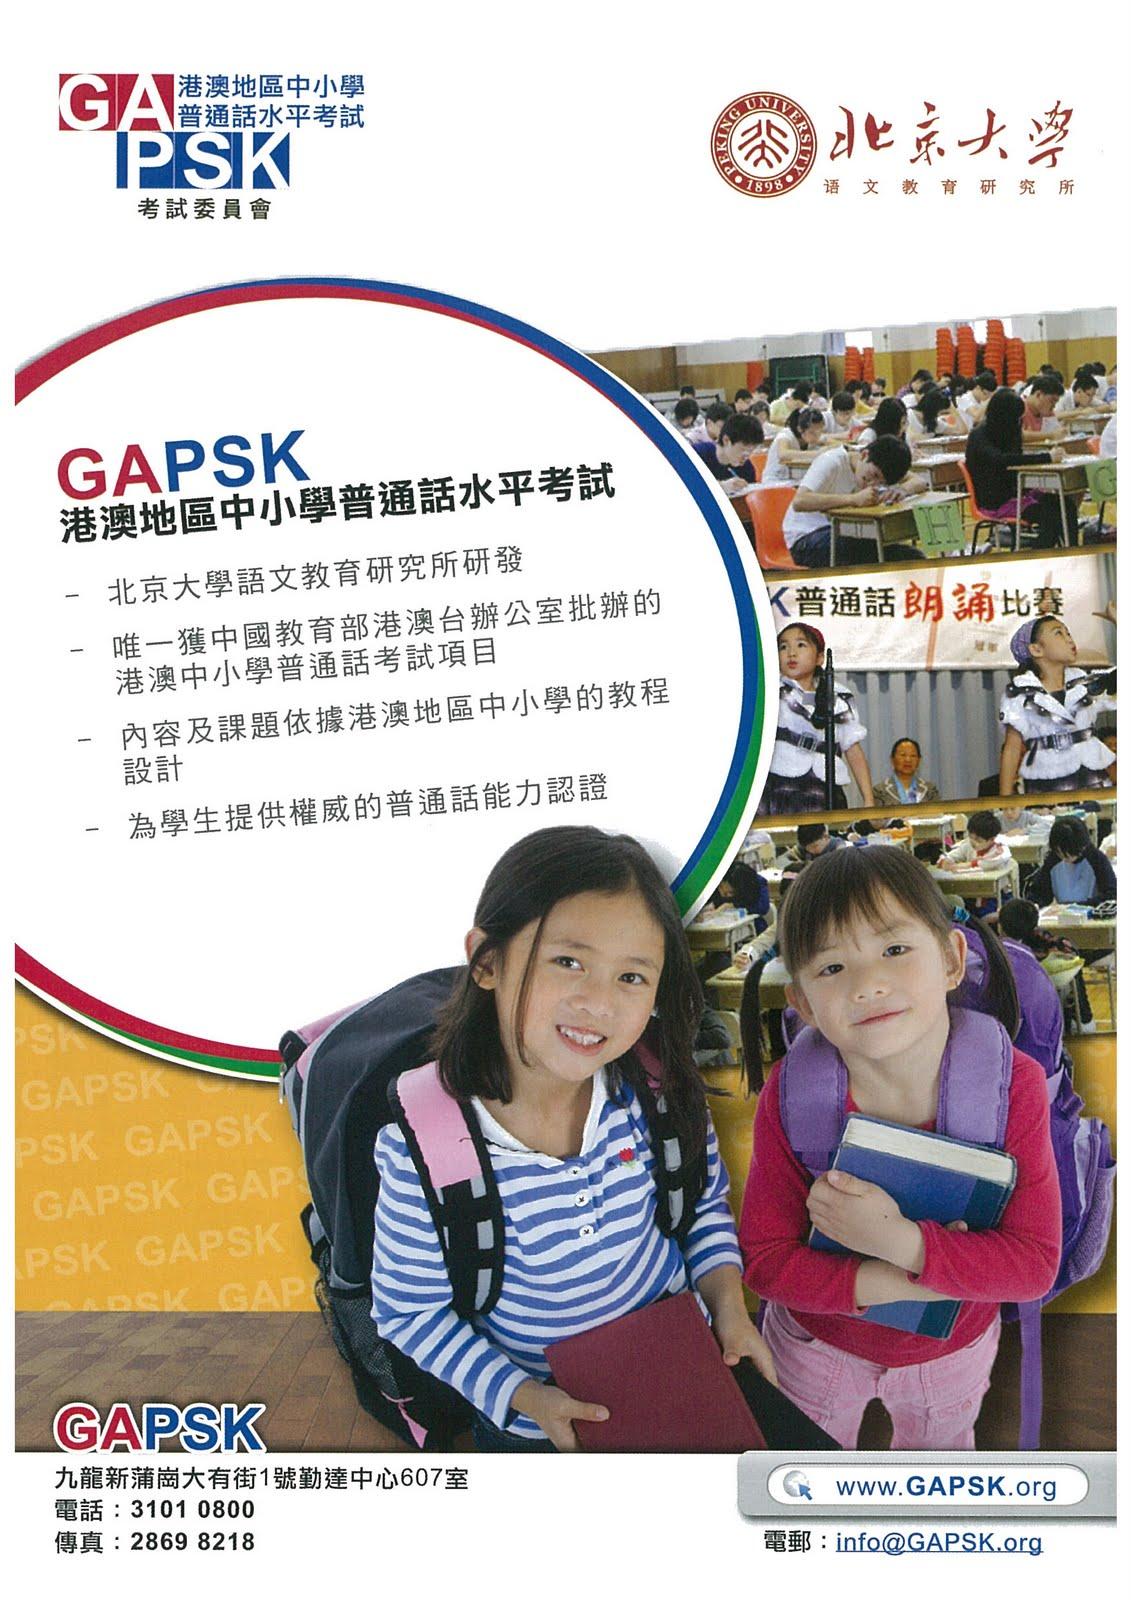 保良局陳溢小學: GAPSK港澳地區中小學普通話水平考試